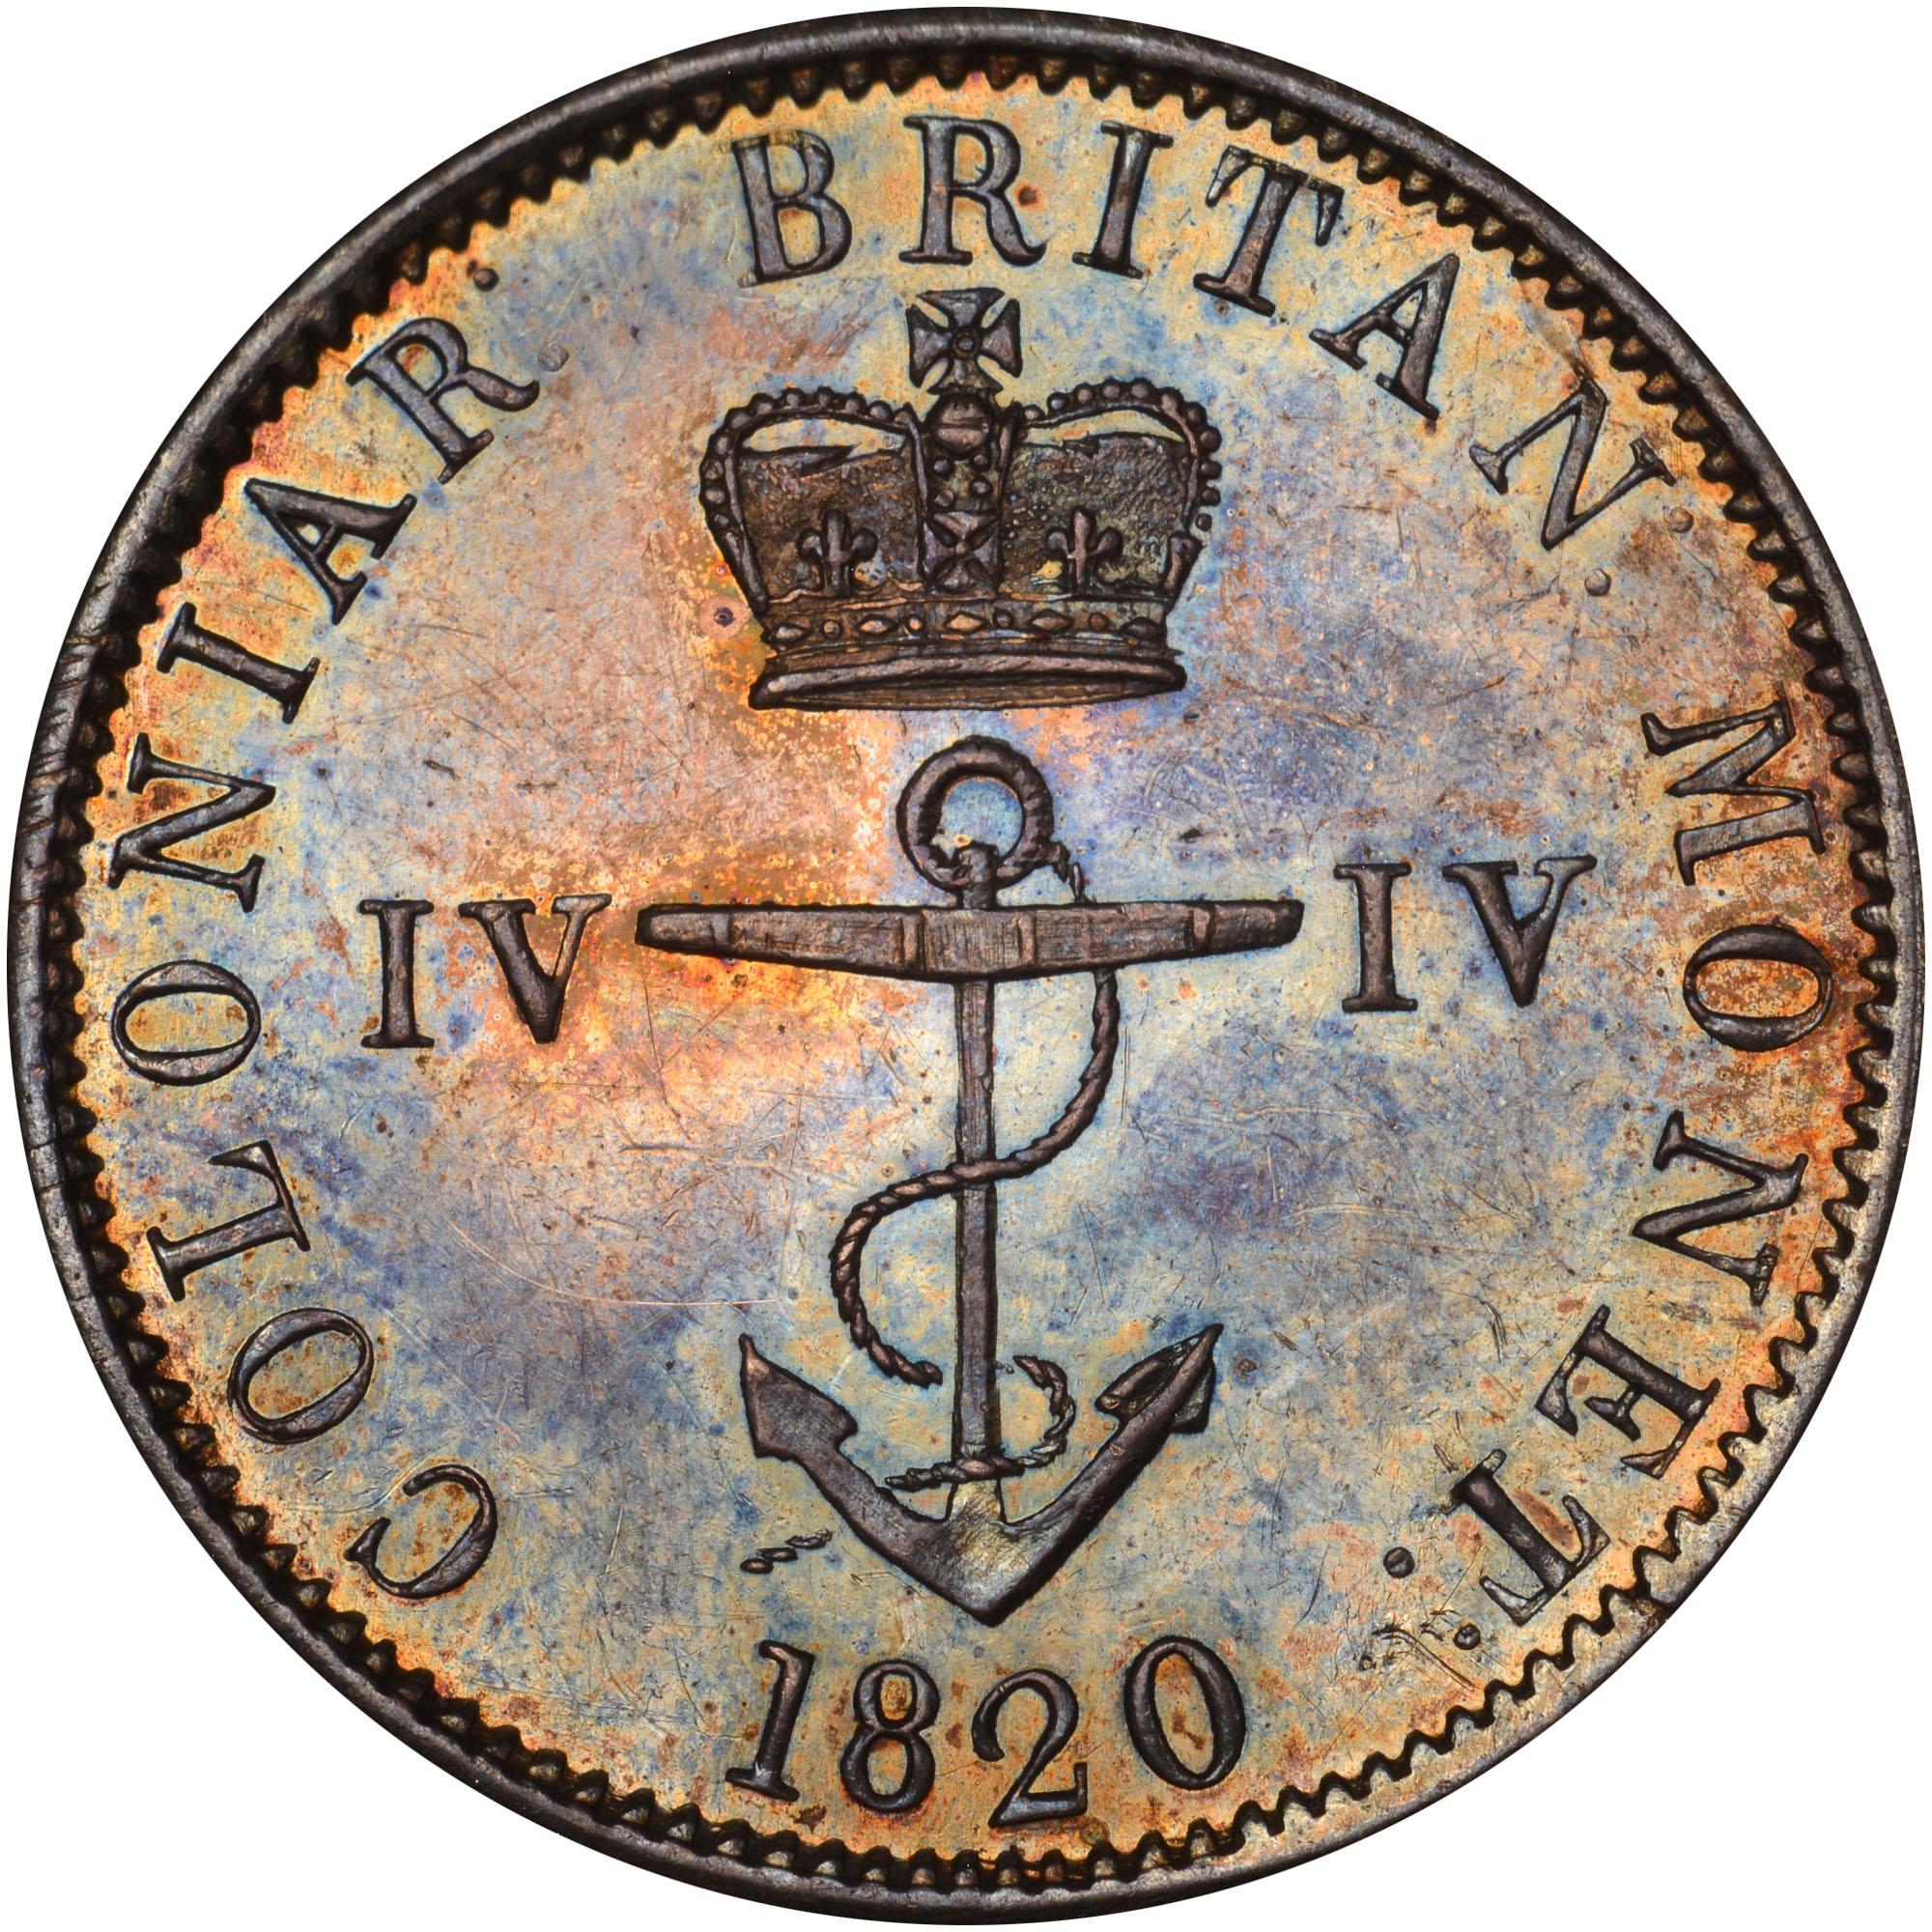 1820-1822/1 British West Indies 1/4 Dollar obverse